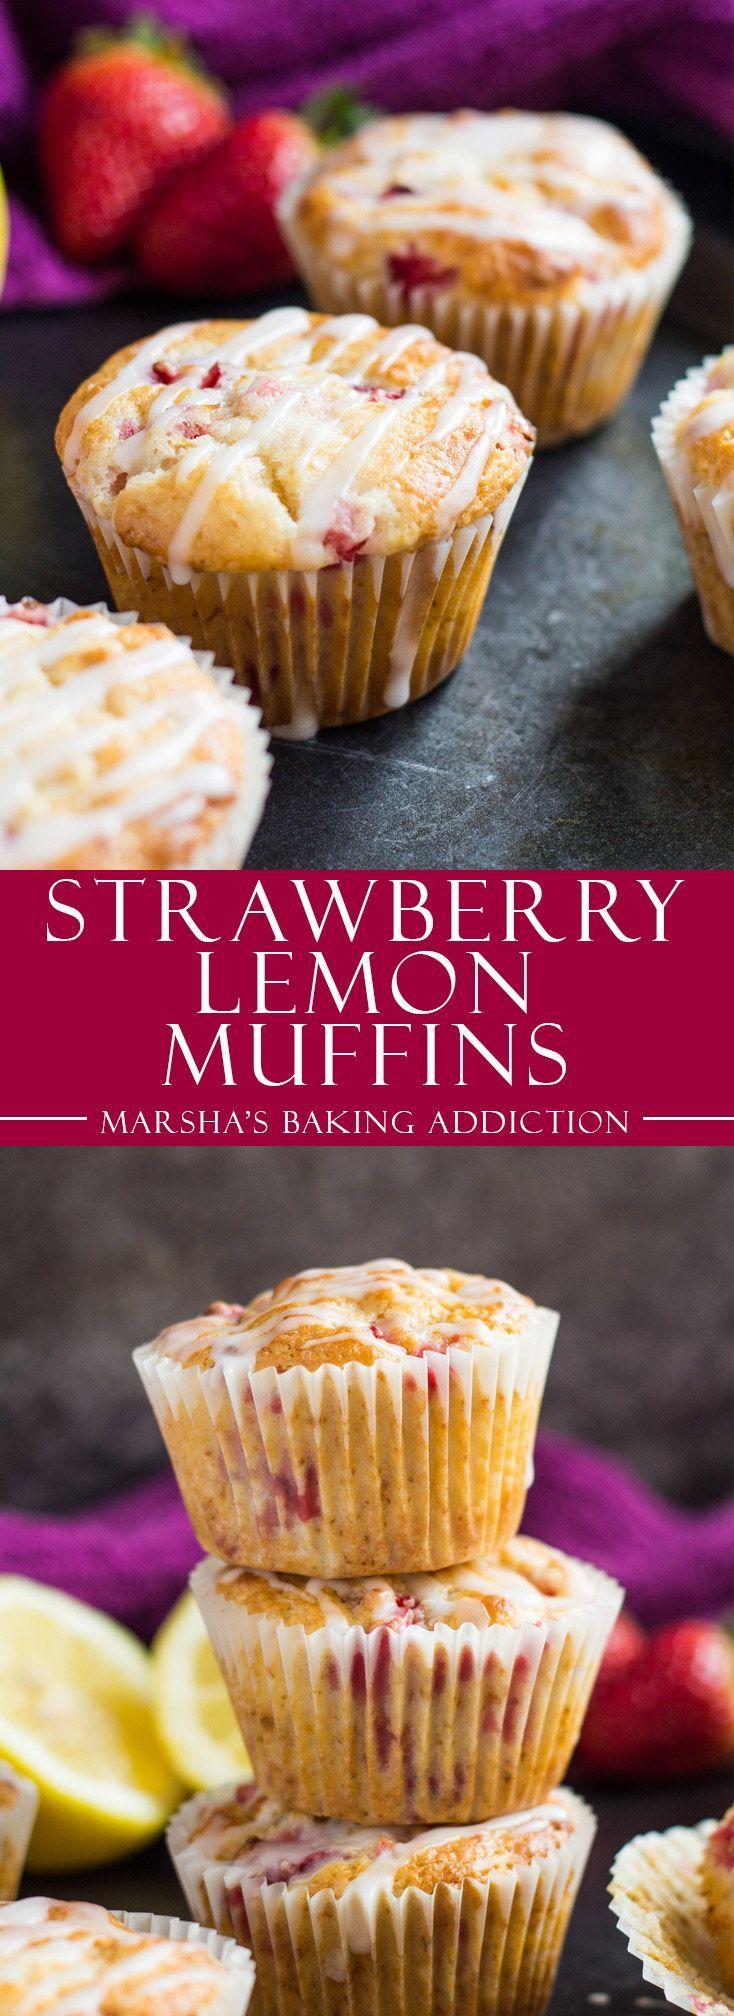 Strawberry Lemon Muffins   http://marshasbakingaddiction.com /marshasbakeblog/